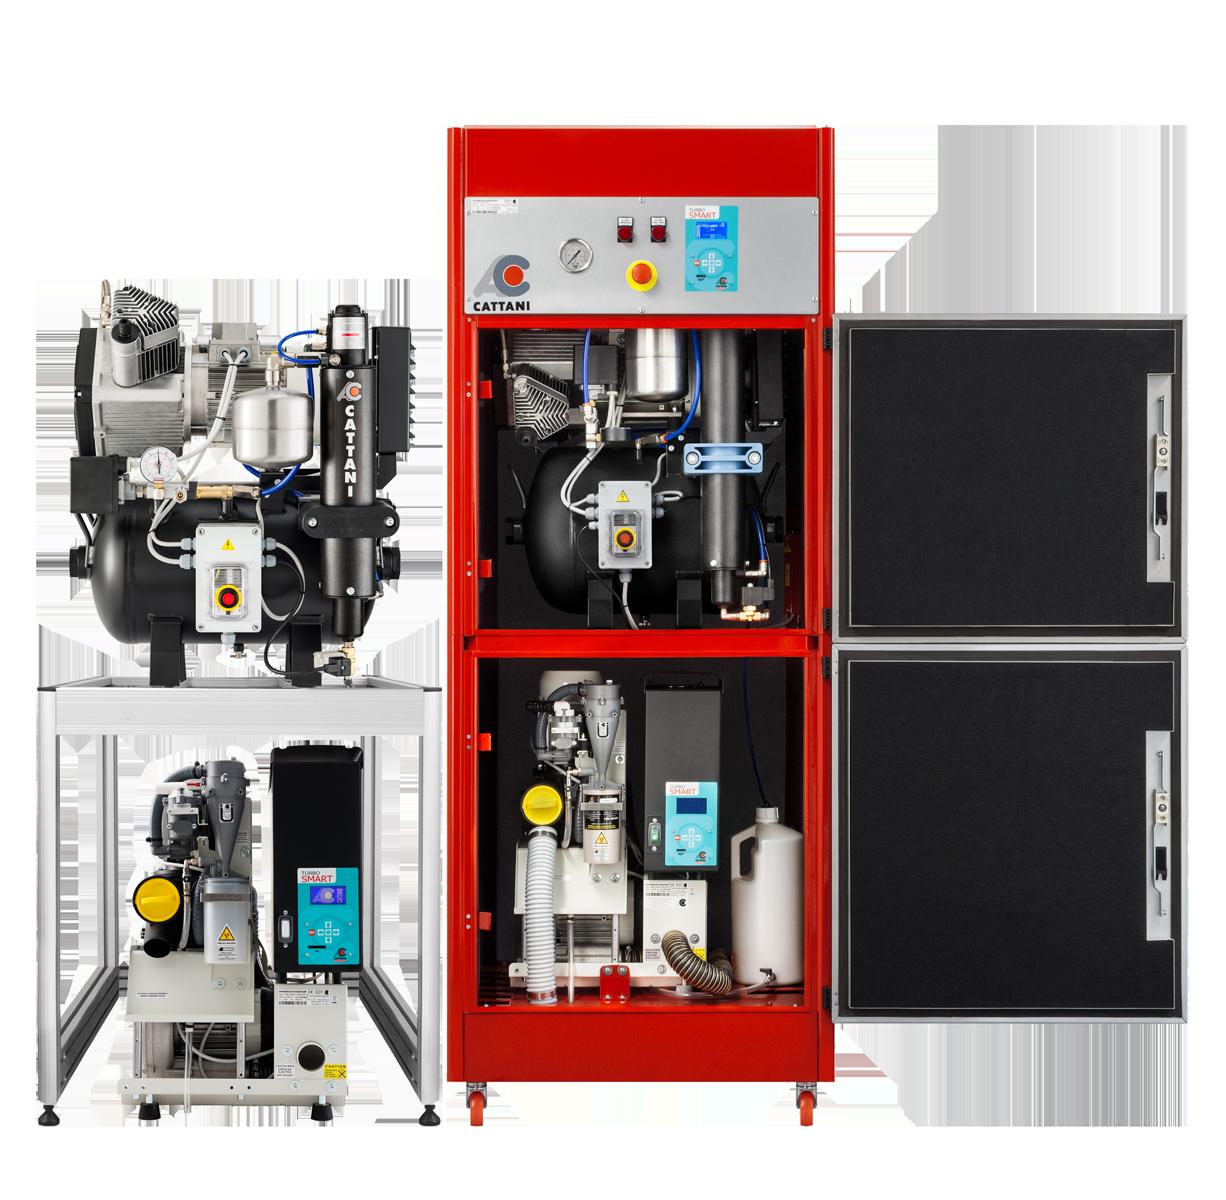 Blok-Jet-Silent-2-Doors-Open_AC-Compressor